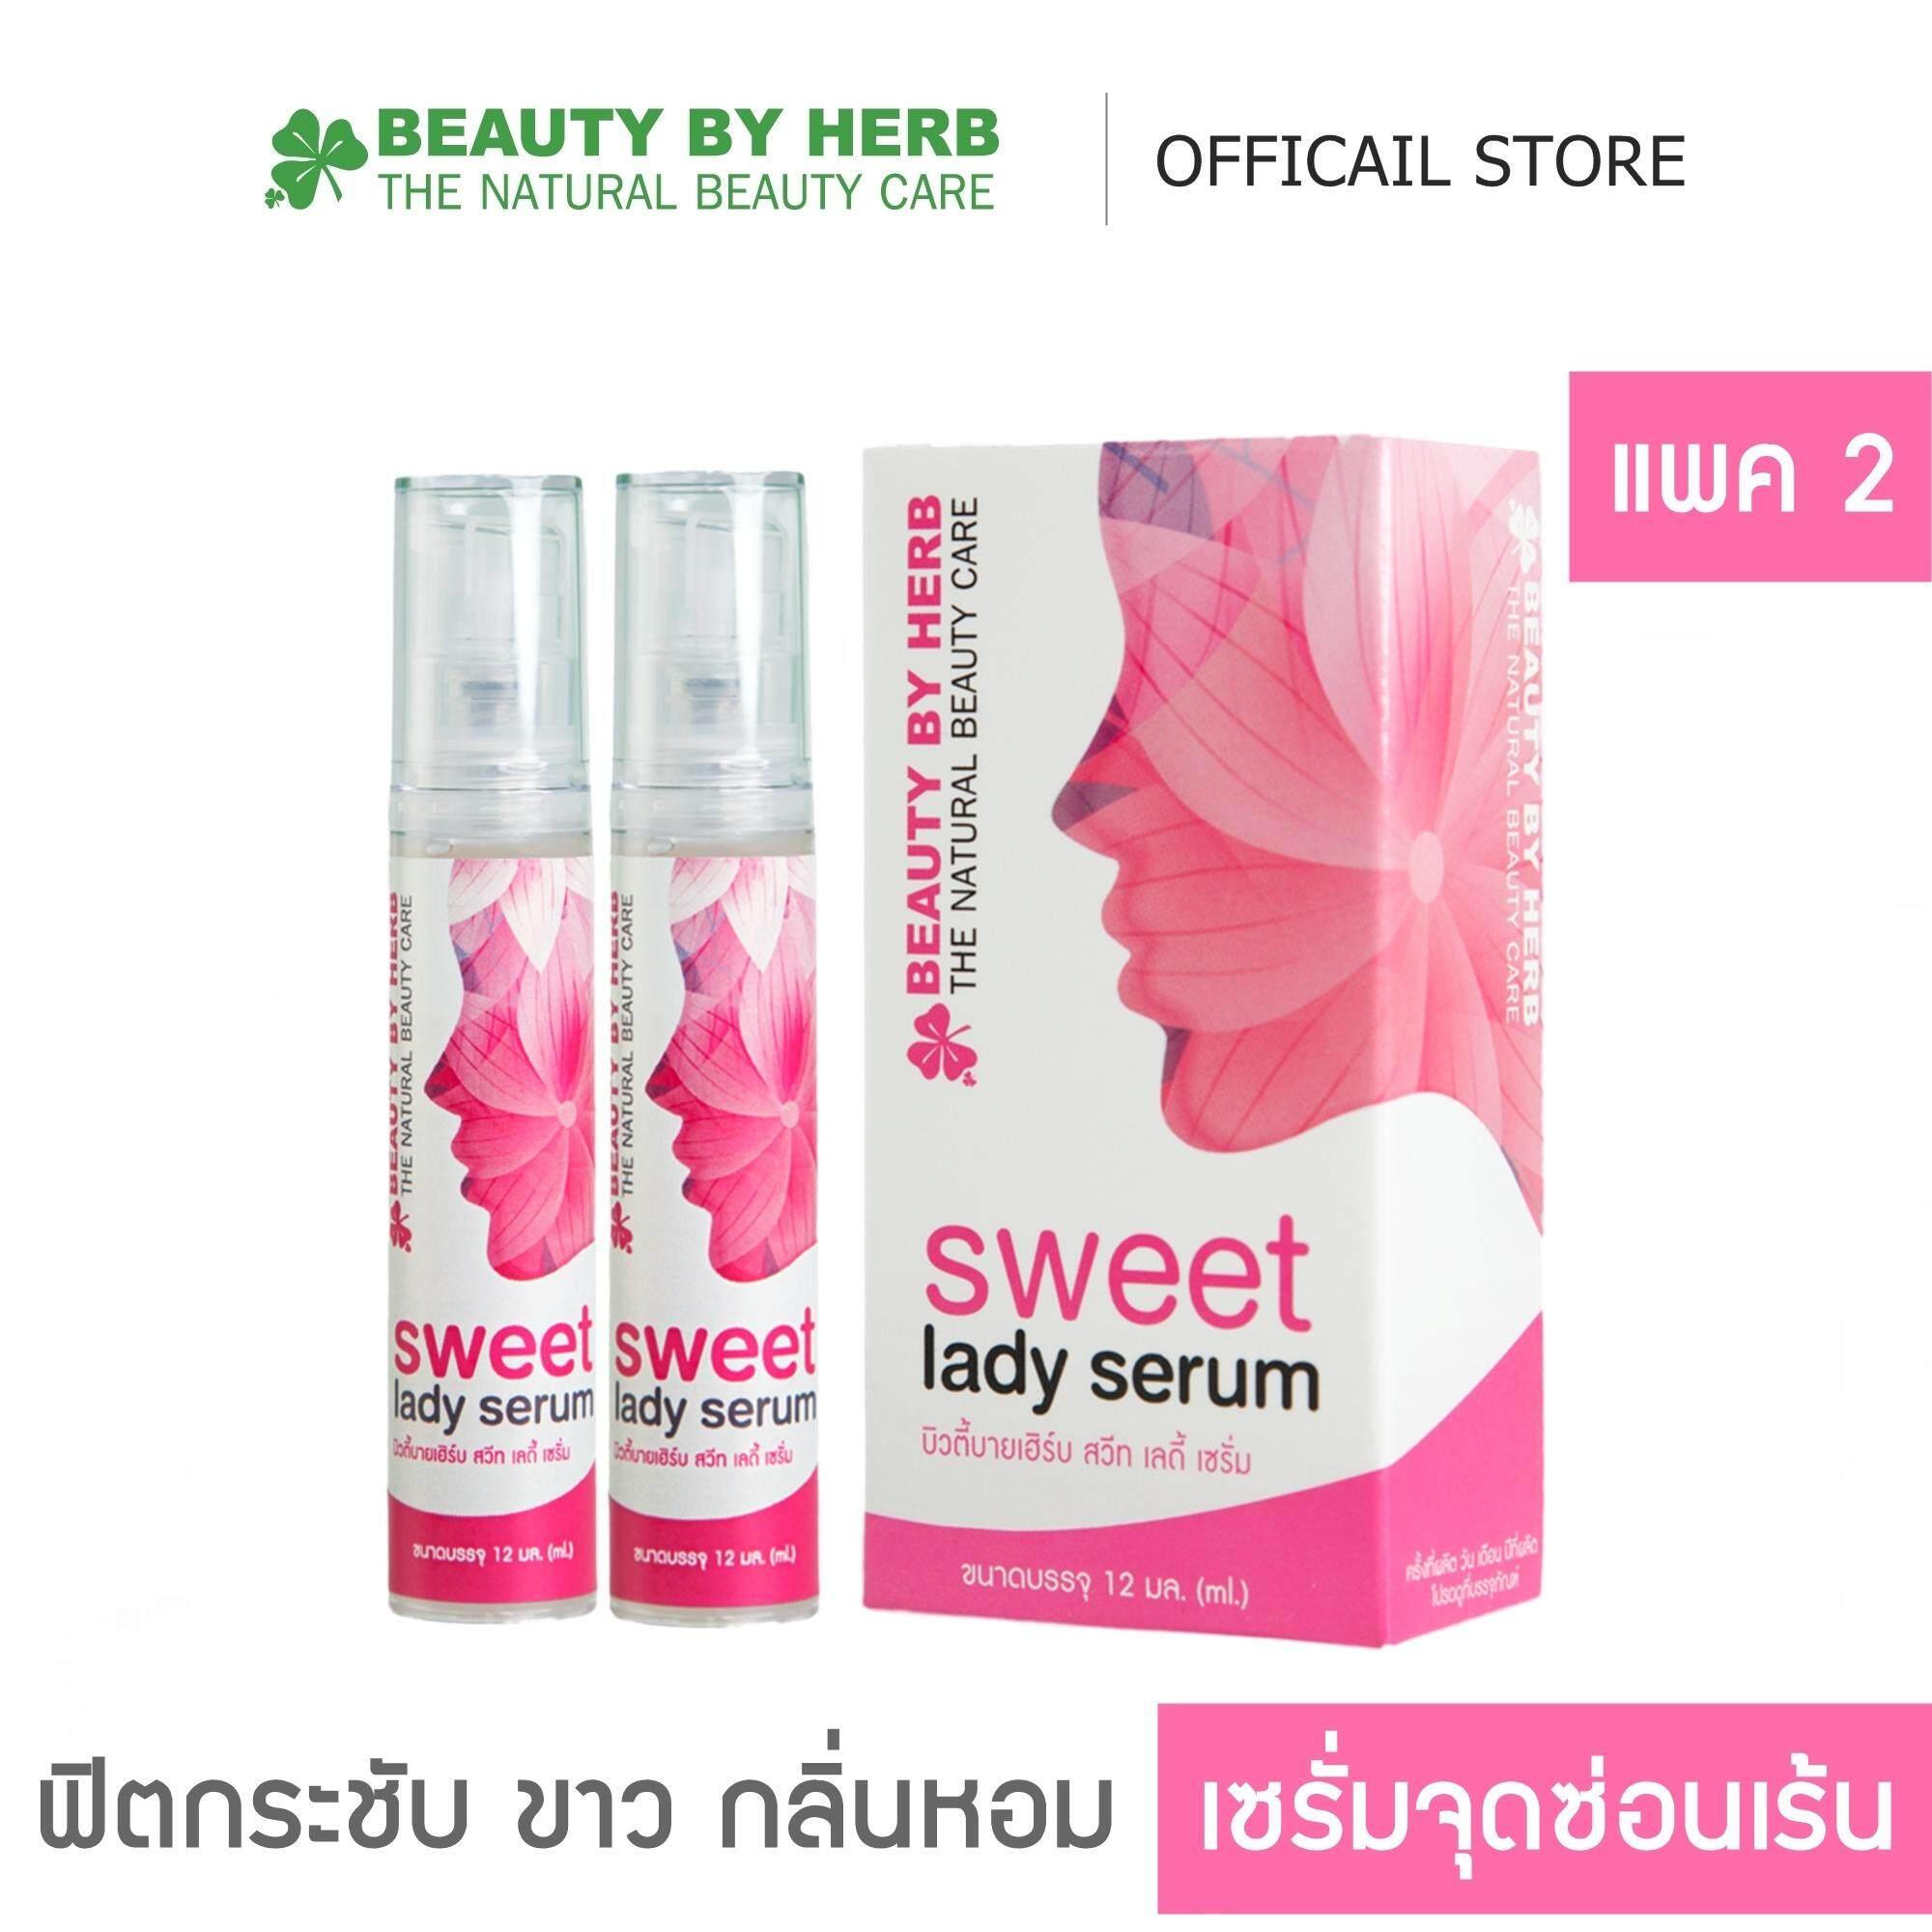 ดูแลจุดซ่อนเร้น ฟิตกระชับ ขาวชมพู กลิ่นหอมมัดใจ ลดตกขาว ผิวอวบสวย ไม่ต้องทำรีแพร์ จำหน่ายมากว่า 8 ปี เซรั่มกระชับช่องคลอด Beauty by Herb Sweet Lady Serum (สวีทเลดี้เซรั่ม) ขนาด 12 มล. (แพค 2 หลอด)